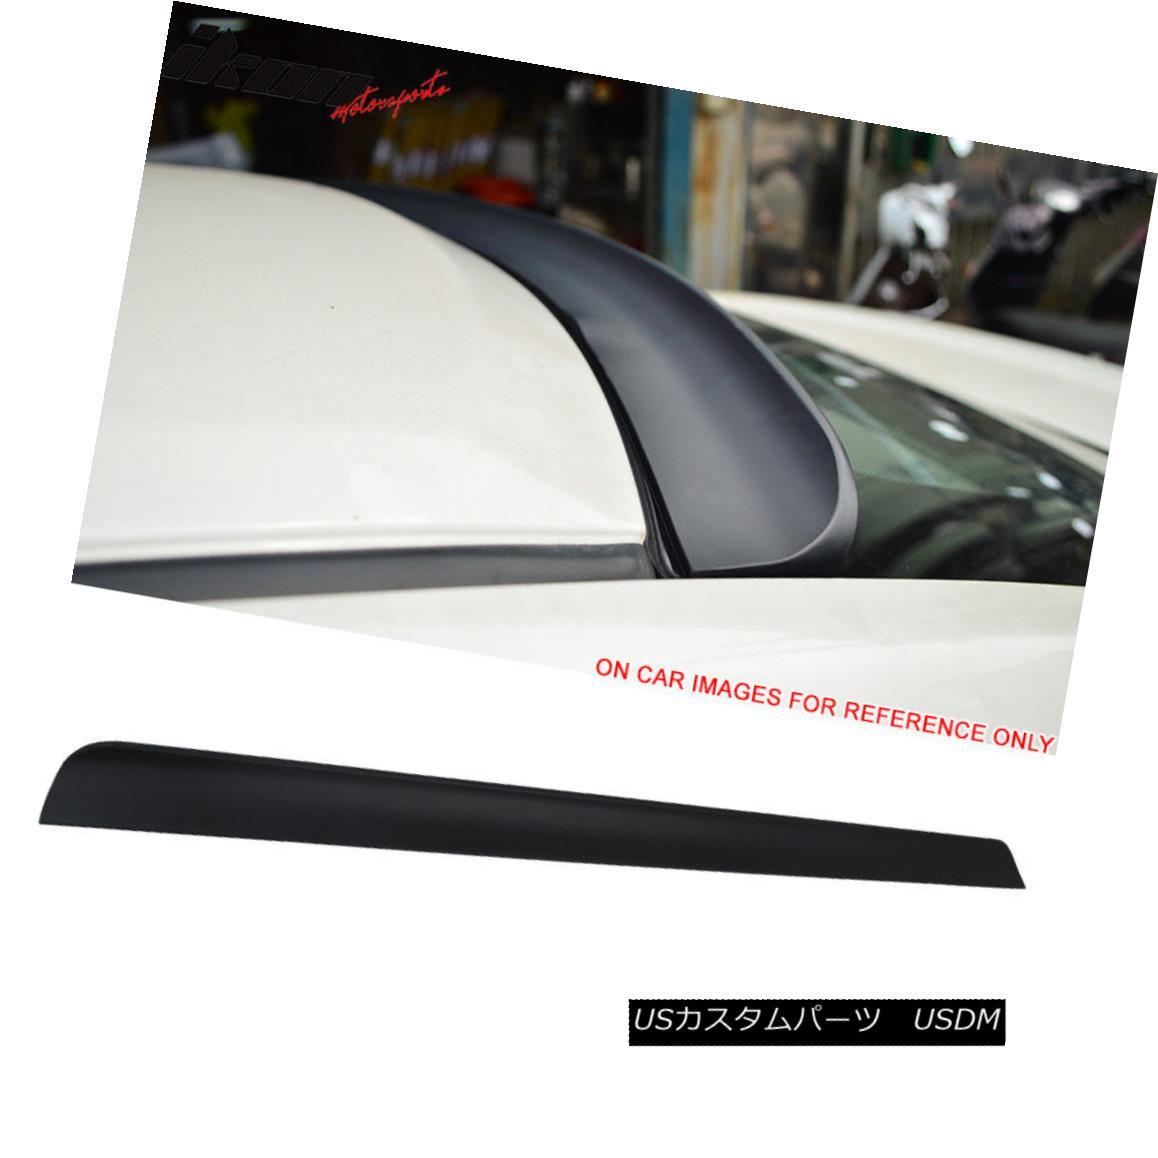 エアロパーツ Fits 14-15 BMW F32 2Dr Unpainted PU Flexible Rear Roof Spoiler Wing フィット14-15 BMW F32 2Dr未塗装PUフレキシブルリアルーフスポイラーウイング